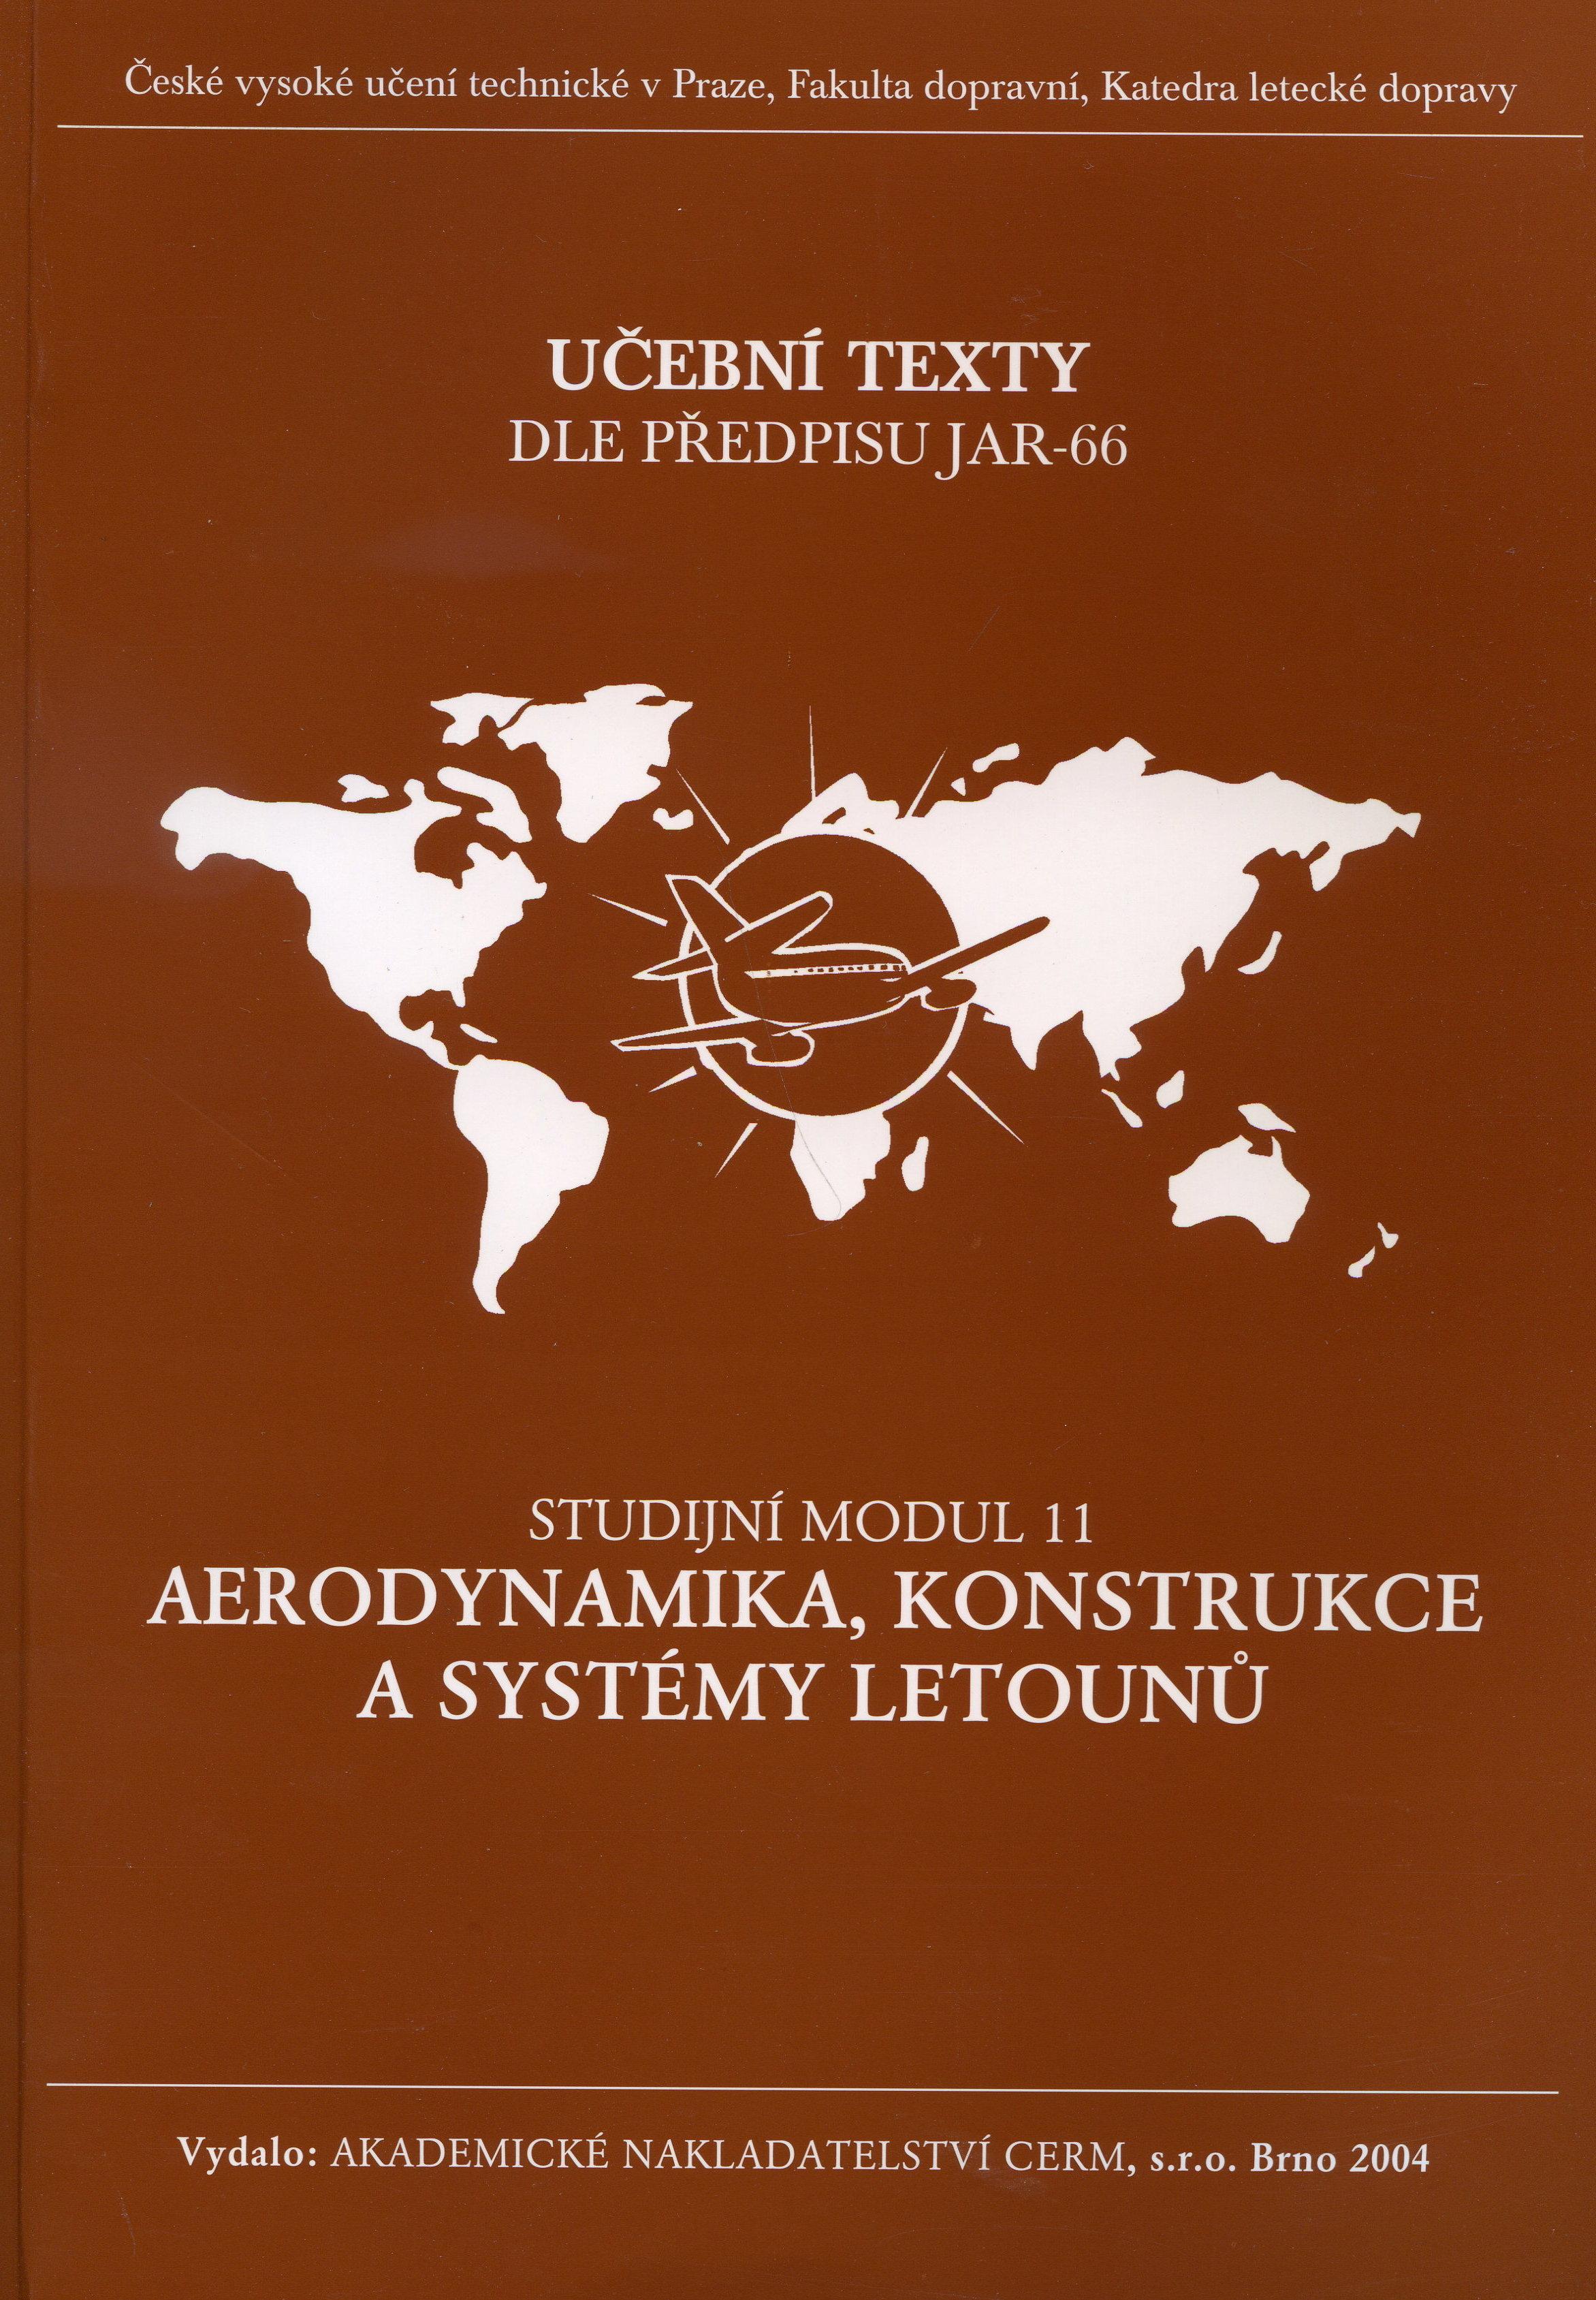 Aerodynamika, konstrukce a systémy letounů - Studijní modul 11 - Učební texty dle předpisu JAR-66